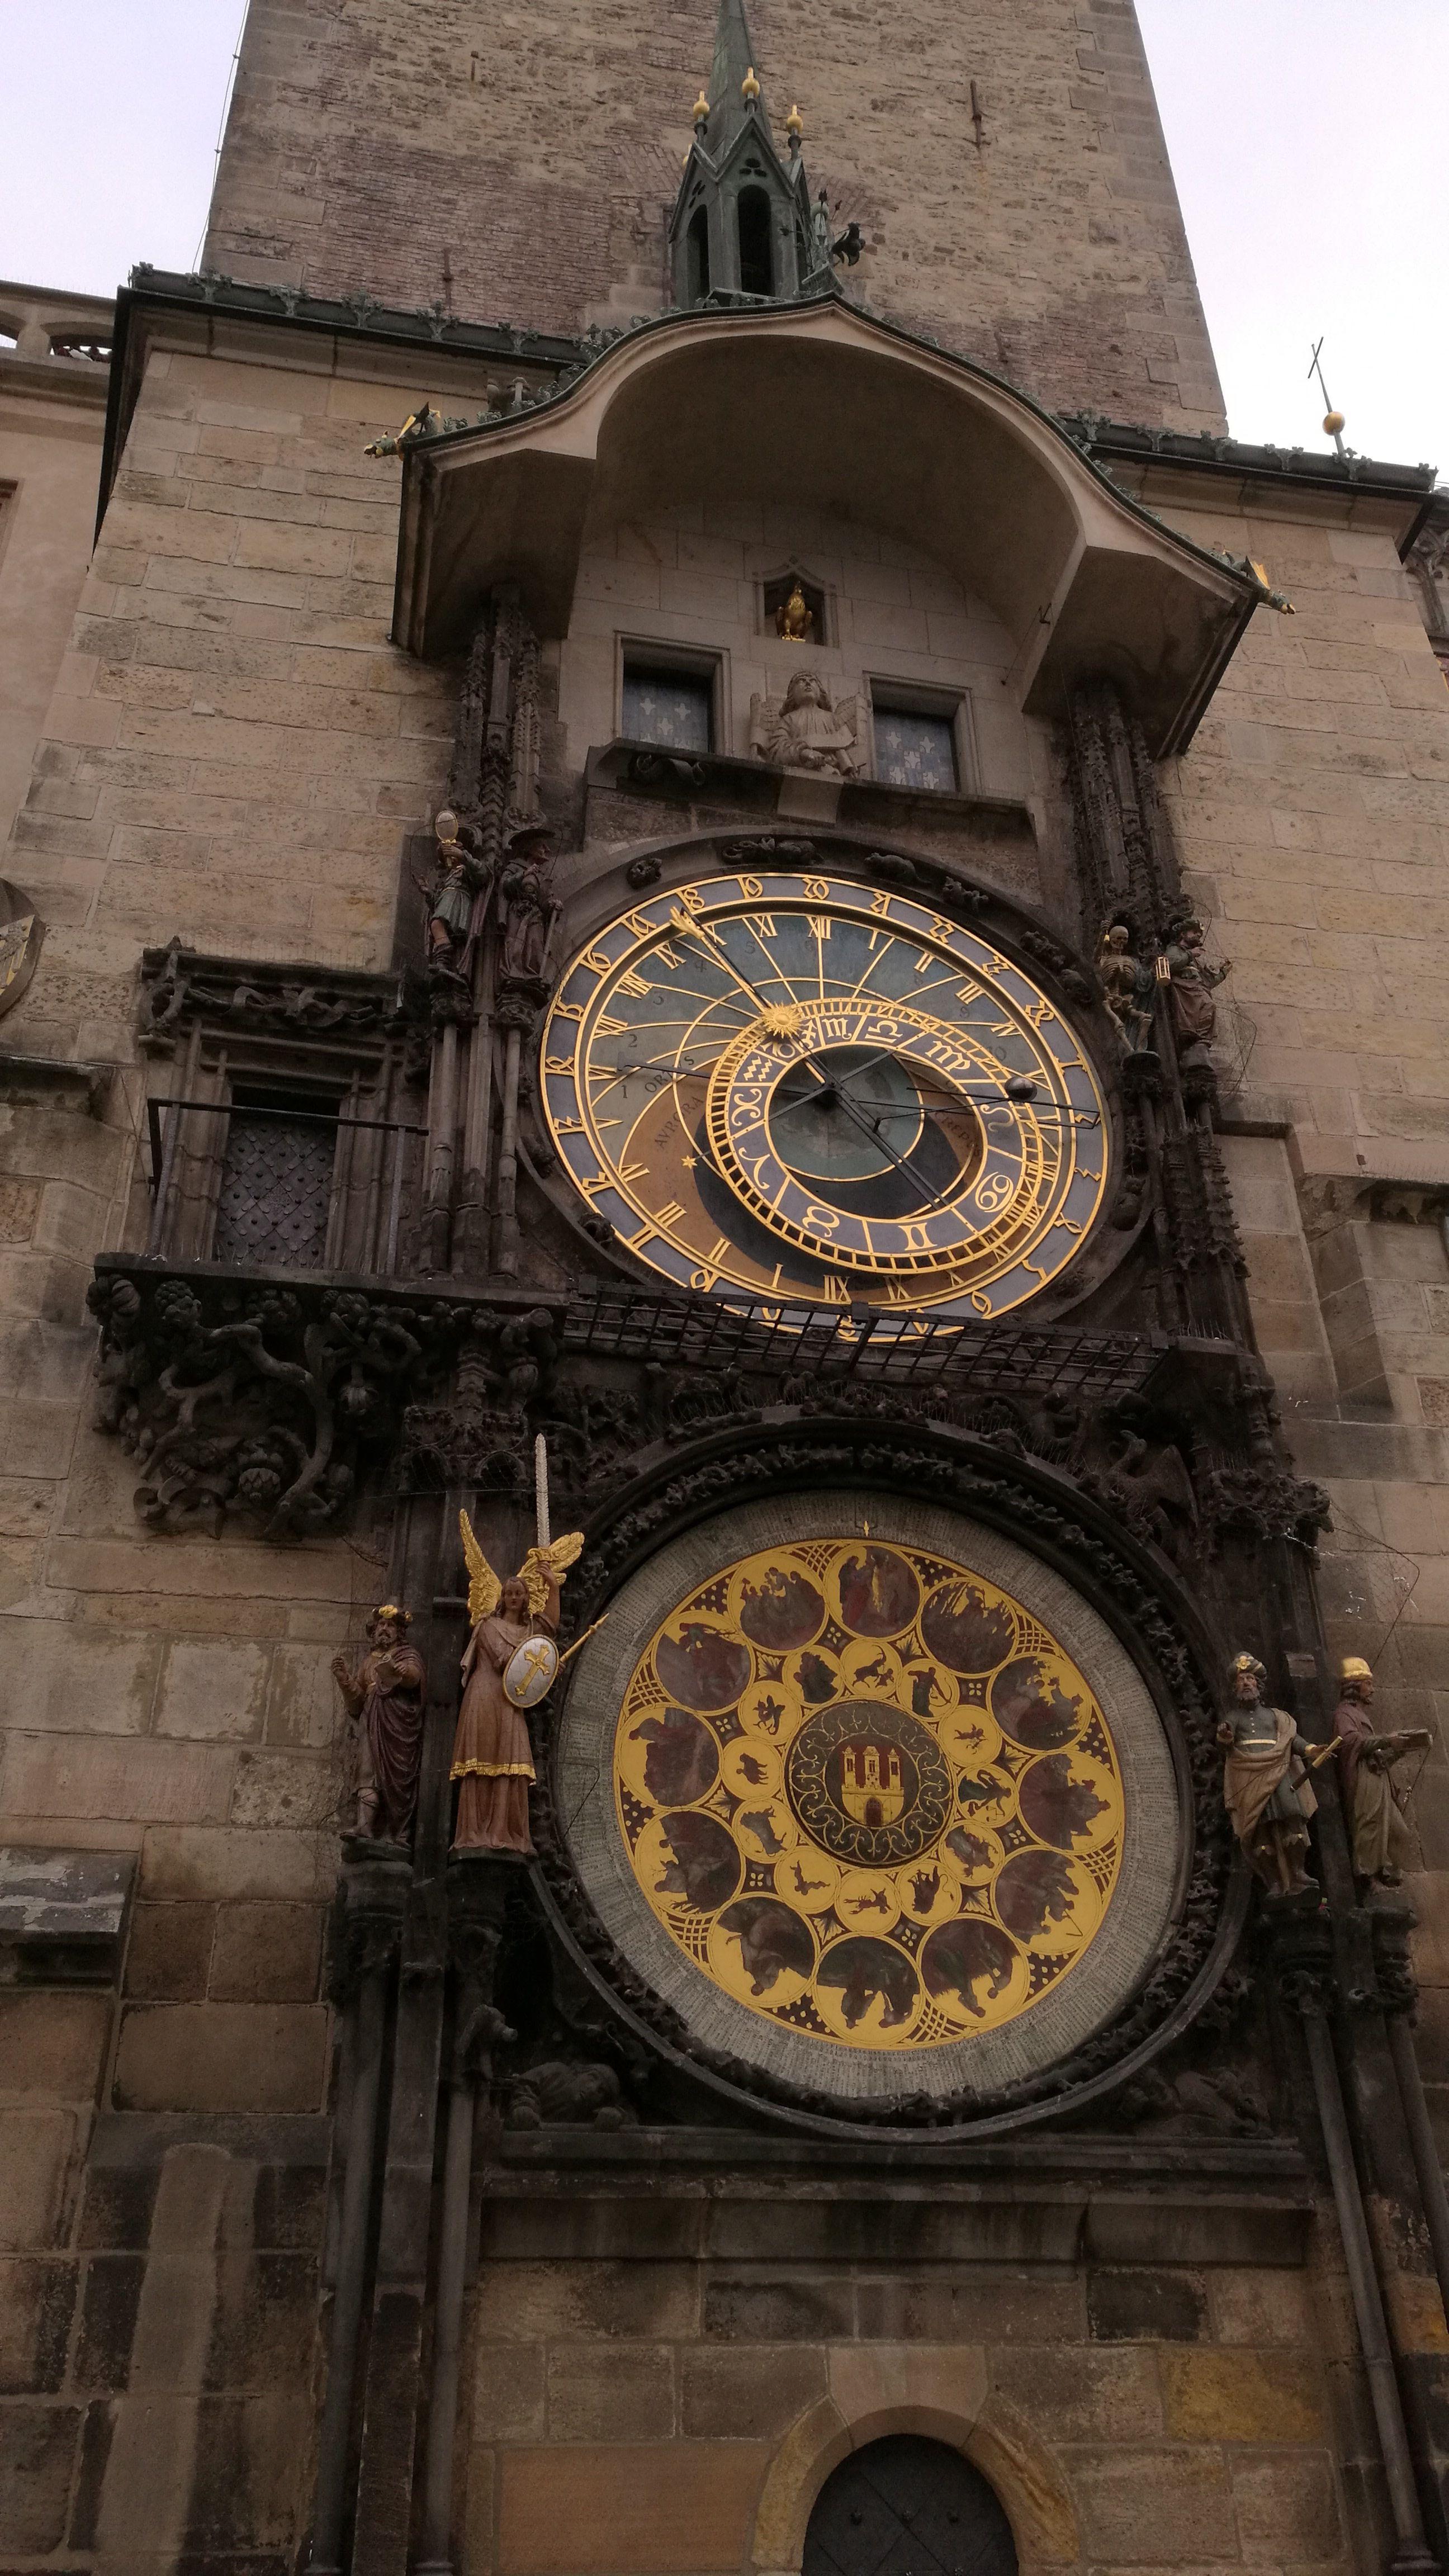 El famoso reloj astrónomico